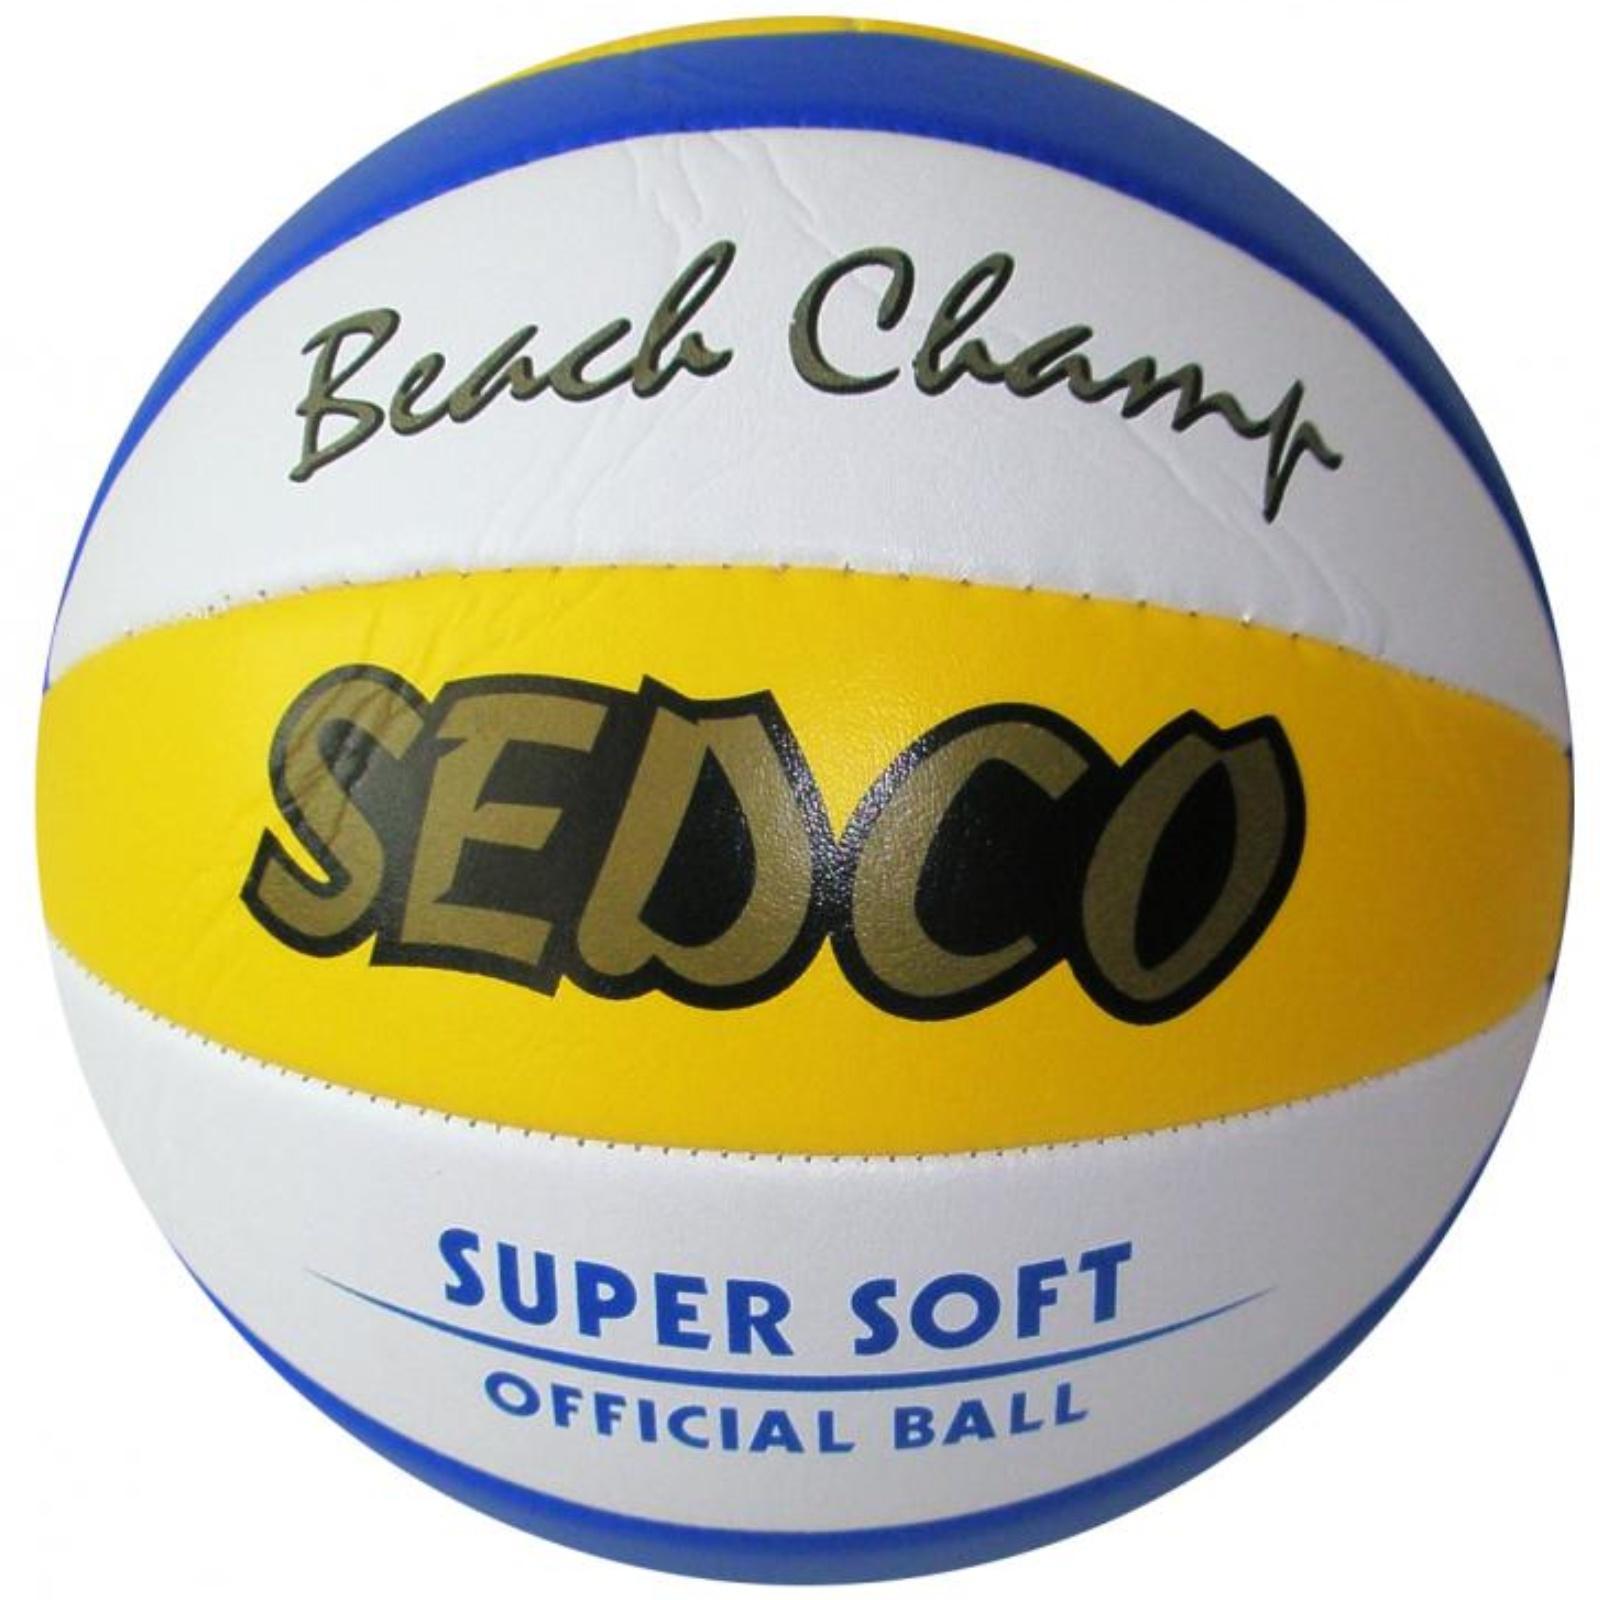 Volejbalový míč SEDCO Beach Soft VLS 3